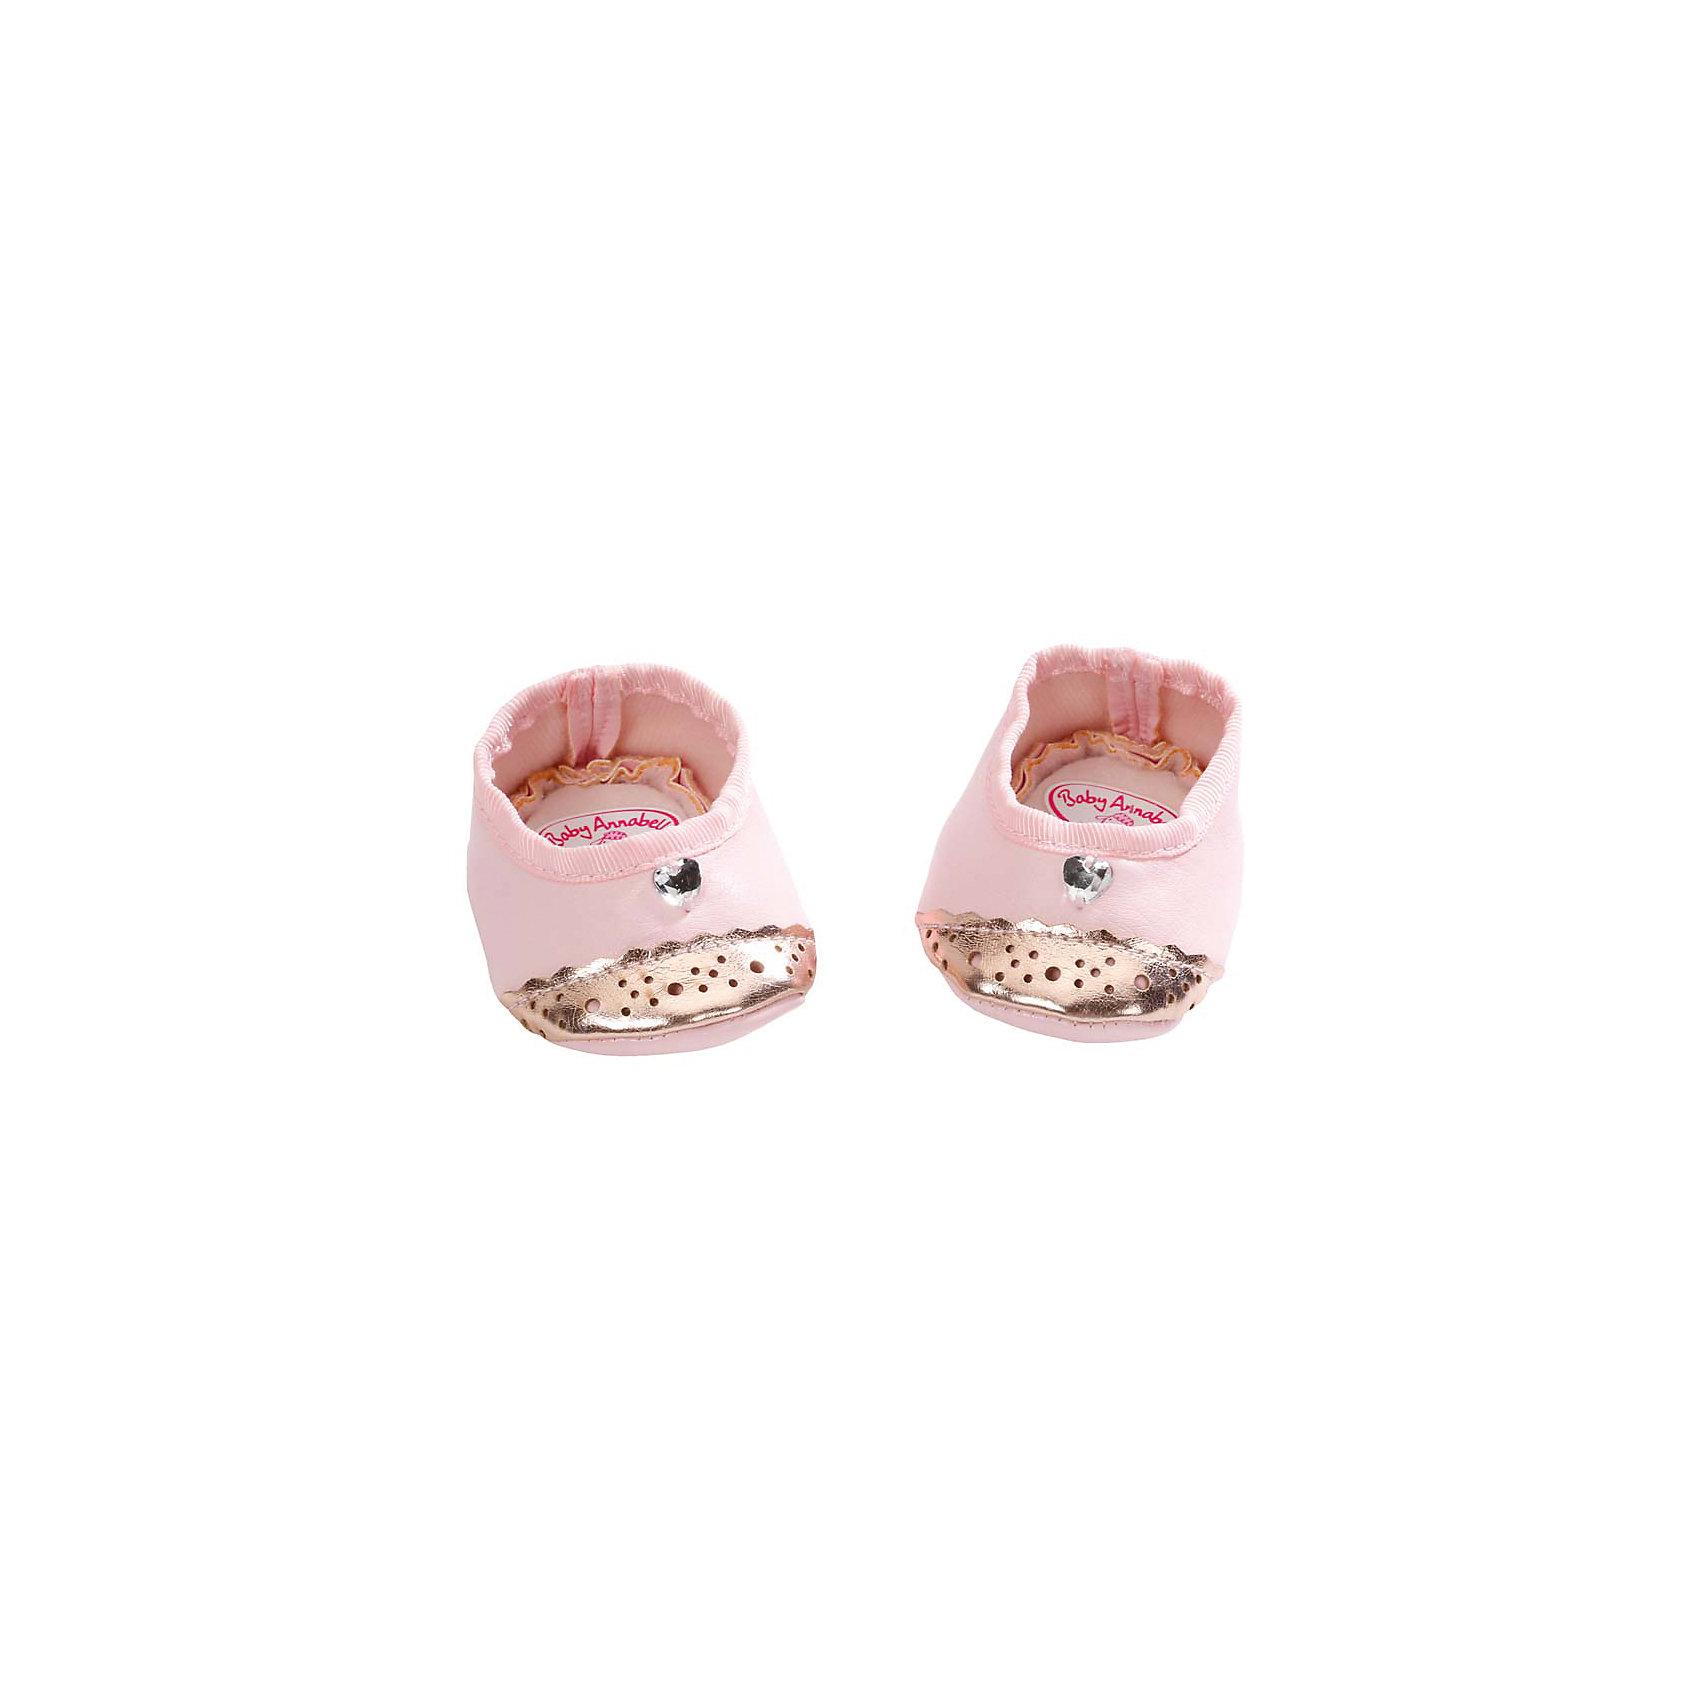 Ботиночки, Baby Annabell, розовыйБотиночки для кукол Бэби Аннабель подойдут как для кукол мальчиков, так и для кукол девочек. В дизайне использованы классические розовые тона в сочетании с зеркальным позолоченным материалом, благодаря которому ботиночки смотрятся невероятно модно! Первый комплект обуви похож на балетки - здесь, преимущественно, текстильный материал, а позолоченные вставки только на носочках - эта обувь больше подойдет для куклы-девочки. Второй комплект можно надеть и на куклу-мальчика - ботиночки более закрытые и целиком выполнены из блестящего материала; внутри, также, используется мягкая текстильная вставка.   Дополнительная информация:  - Материал: текстиль. Ботиночки, Baby Annabell (Беби Анабель), можно купить в нашем магазине.<br><br>Ширина мм: 181<br>Глубина мм: 128<br>Высота мм: 45<br>Вес г: 42<br>Возраст от месяцев: 36<br>Возраст до месяцев: 60<br>Пол: Женский<br>Возраст: Детский<br>SKU: 4829121